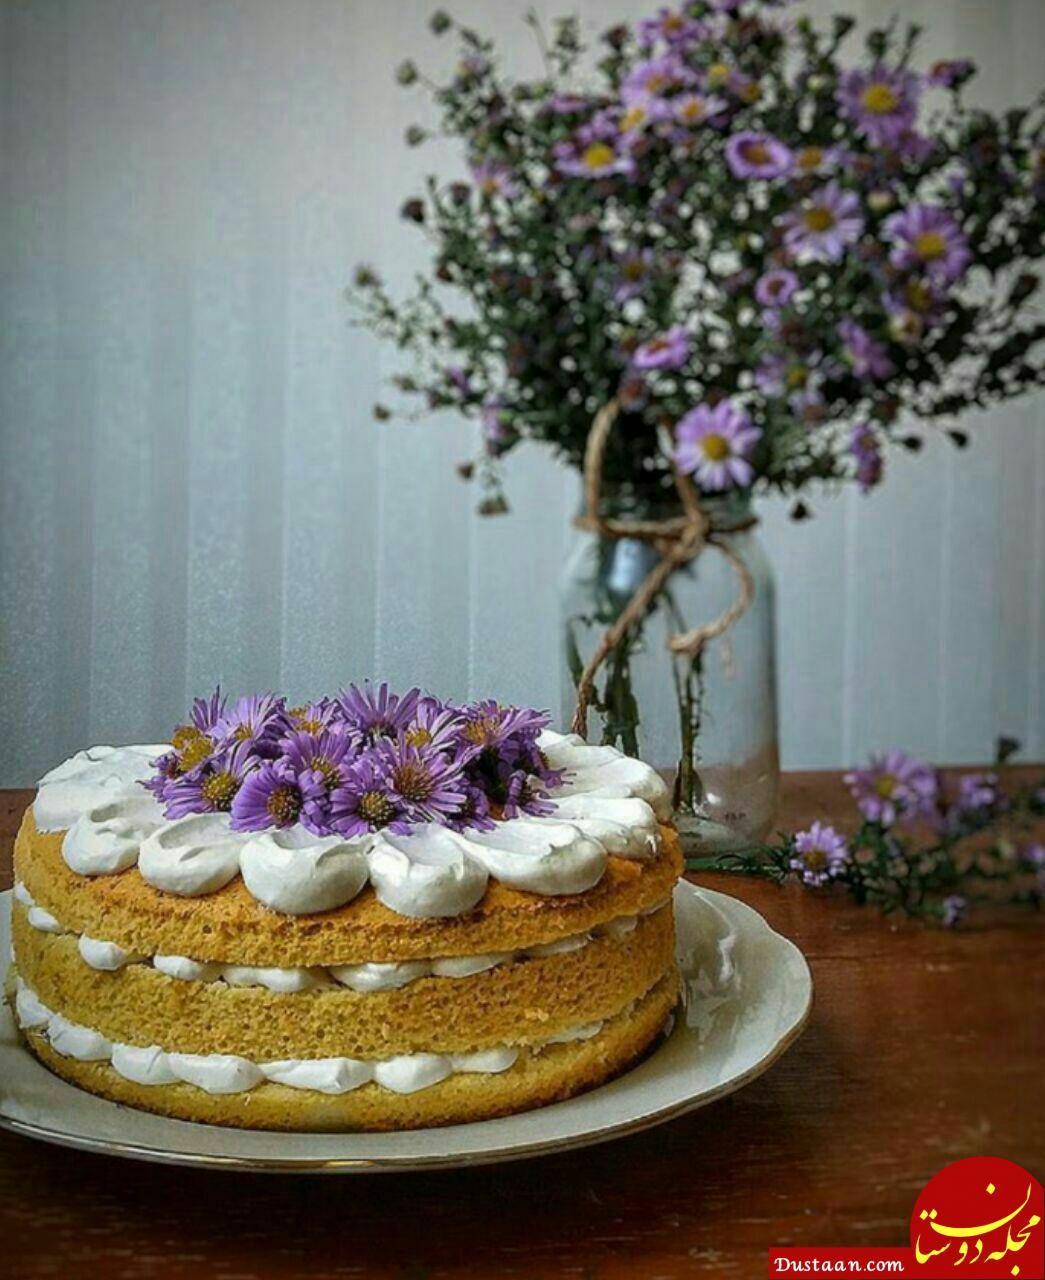 طرز تهیه کیک گردویی اسفنجی به سبکی خوشمزه